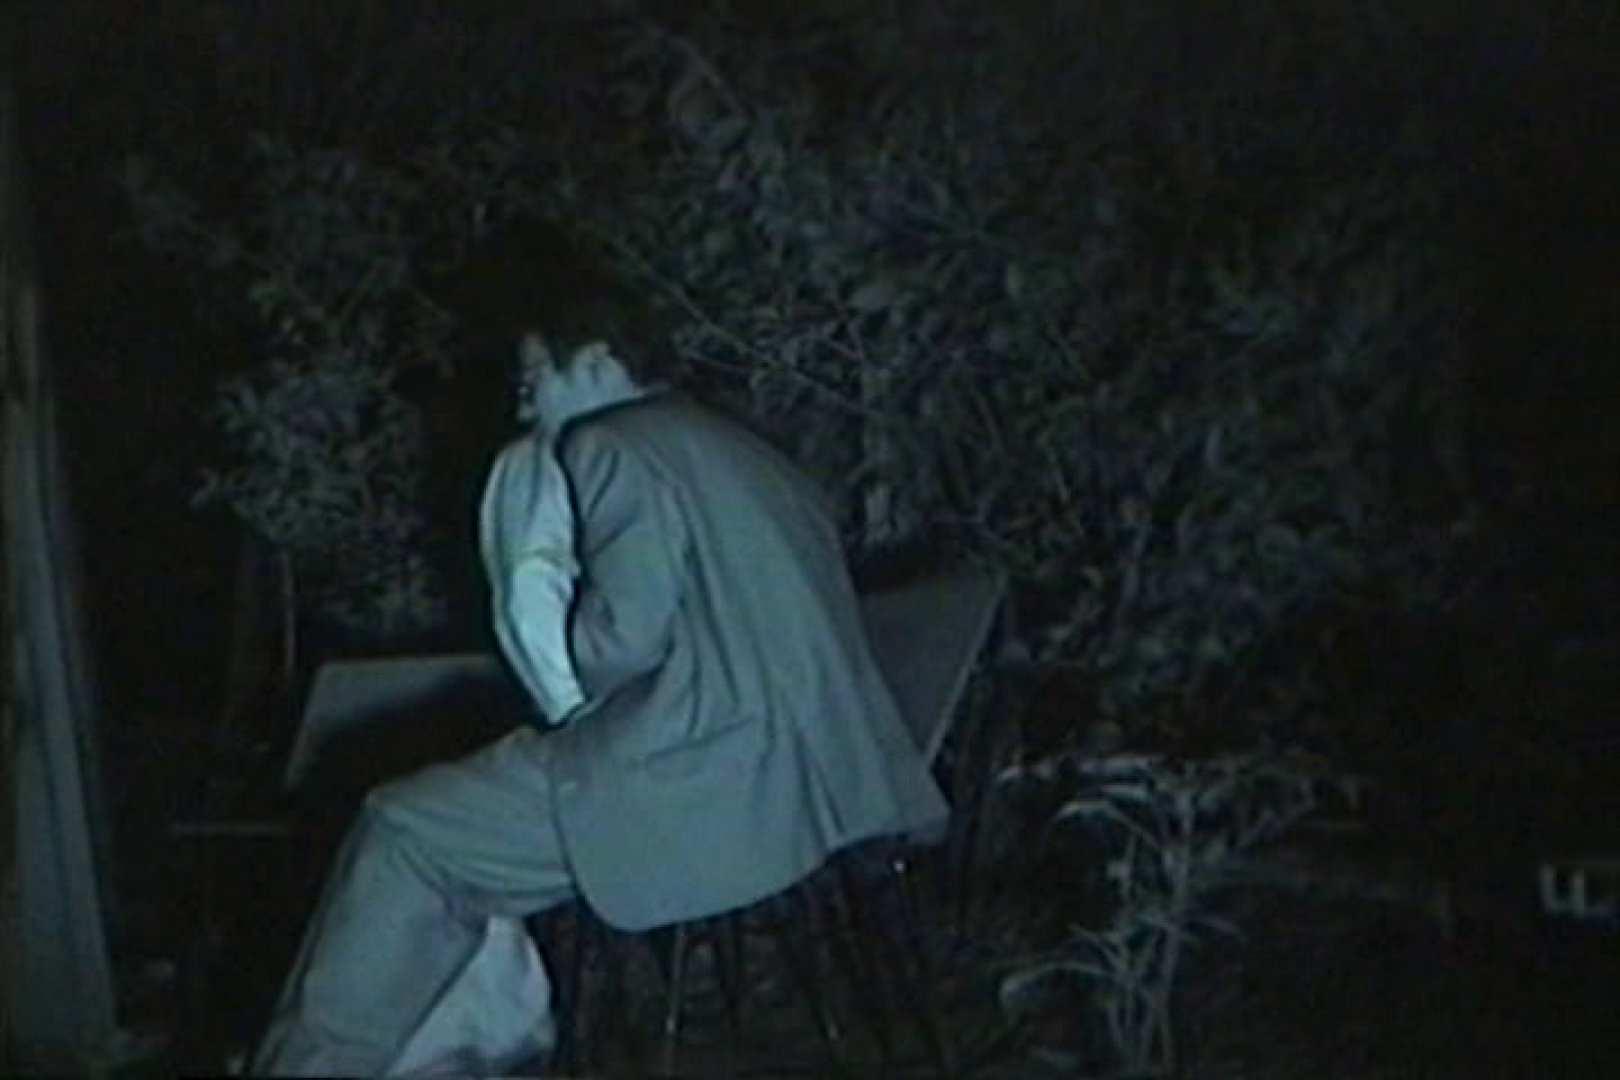 闇の仕掛け人 無修正版 Vol.23 プライベート 隠し撮りセックス画像 53pic 8